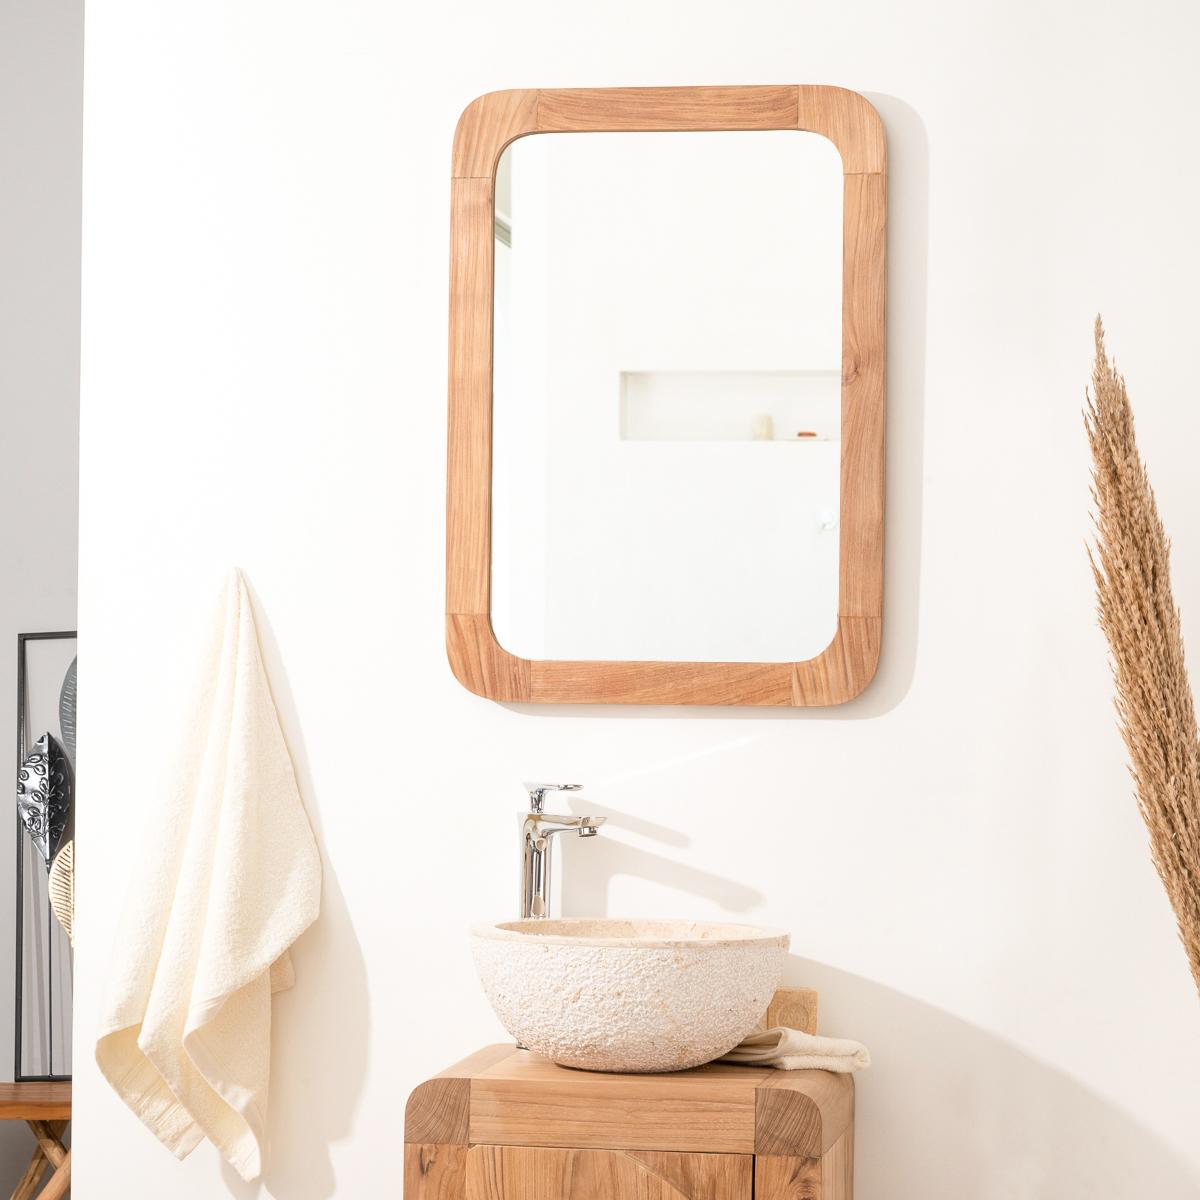 Miroir r tro en teck massif 70 cm x 50cm for Miroir 70 x 50